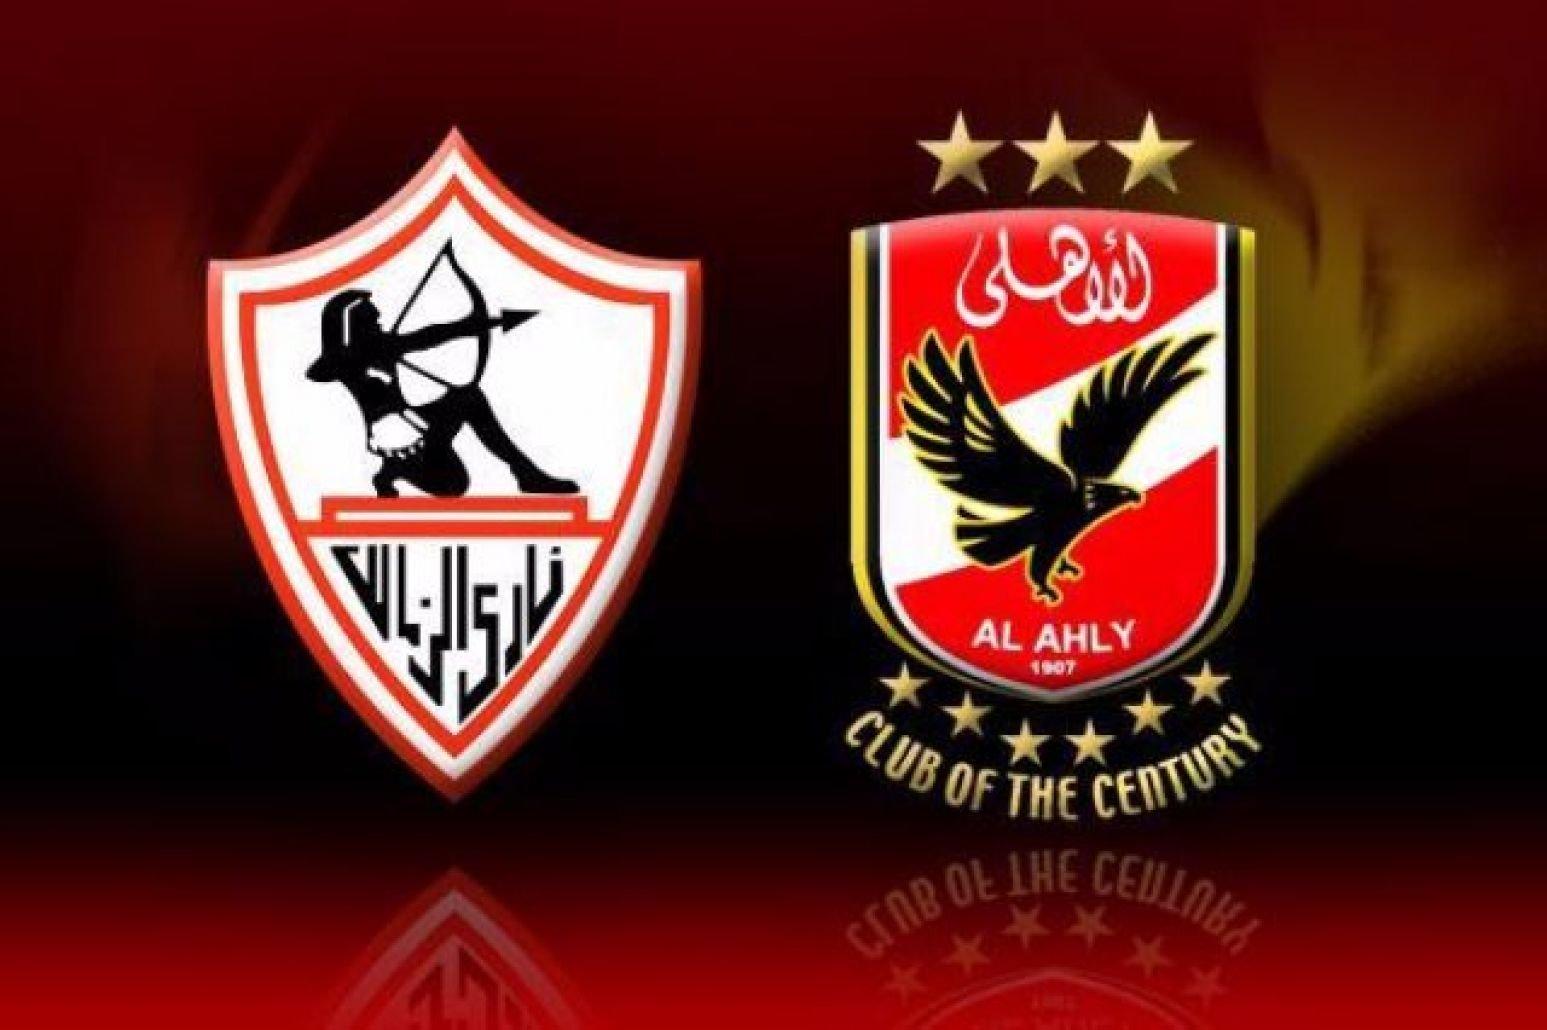 # مباراة الأهلي والزمالك مباشر 10-5-2021 ماتش الأهلي ...